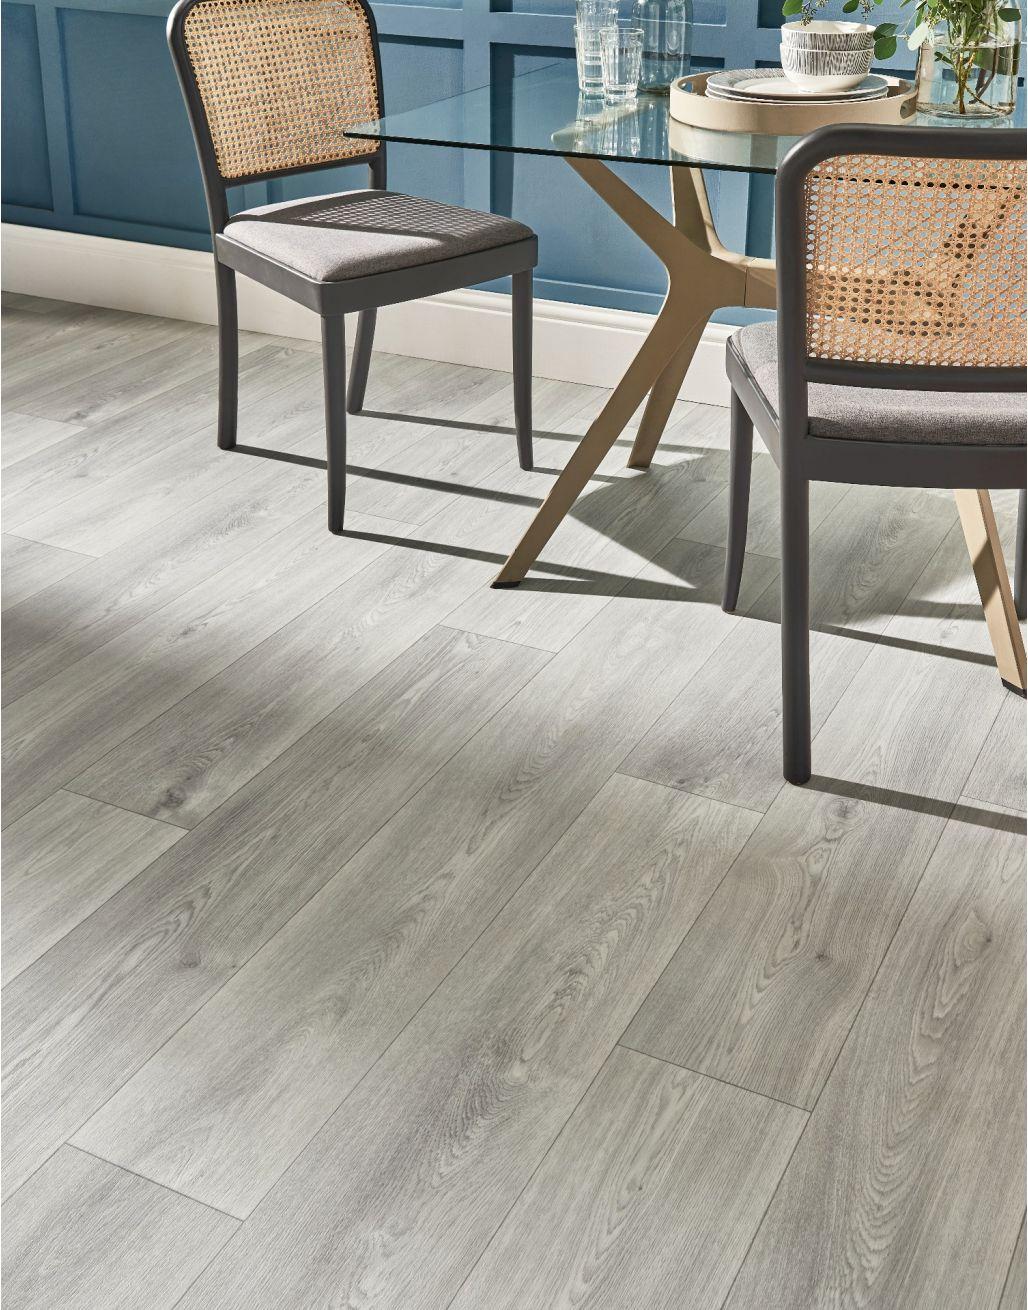 Denver Frosted Oak Flooring Super, Laminate Flooring Denver